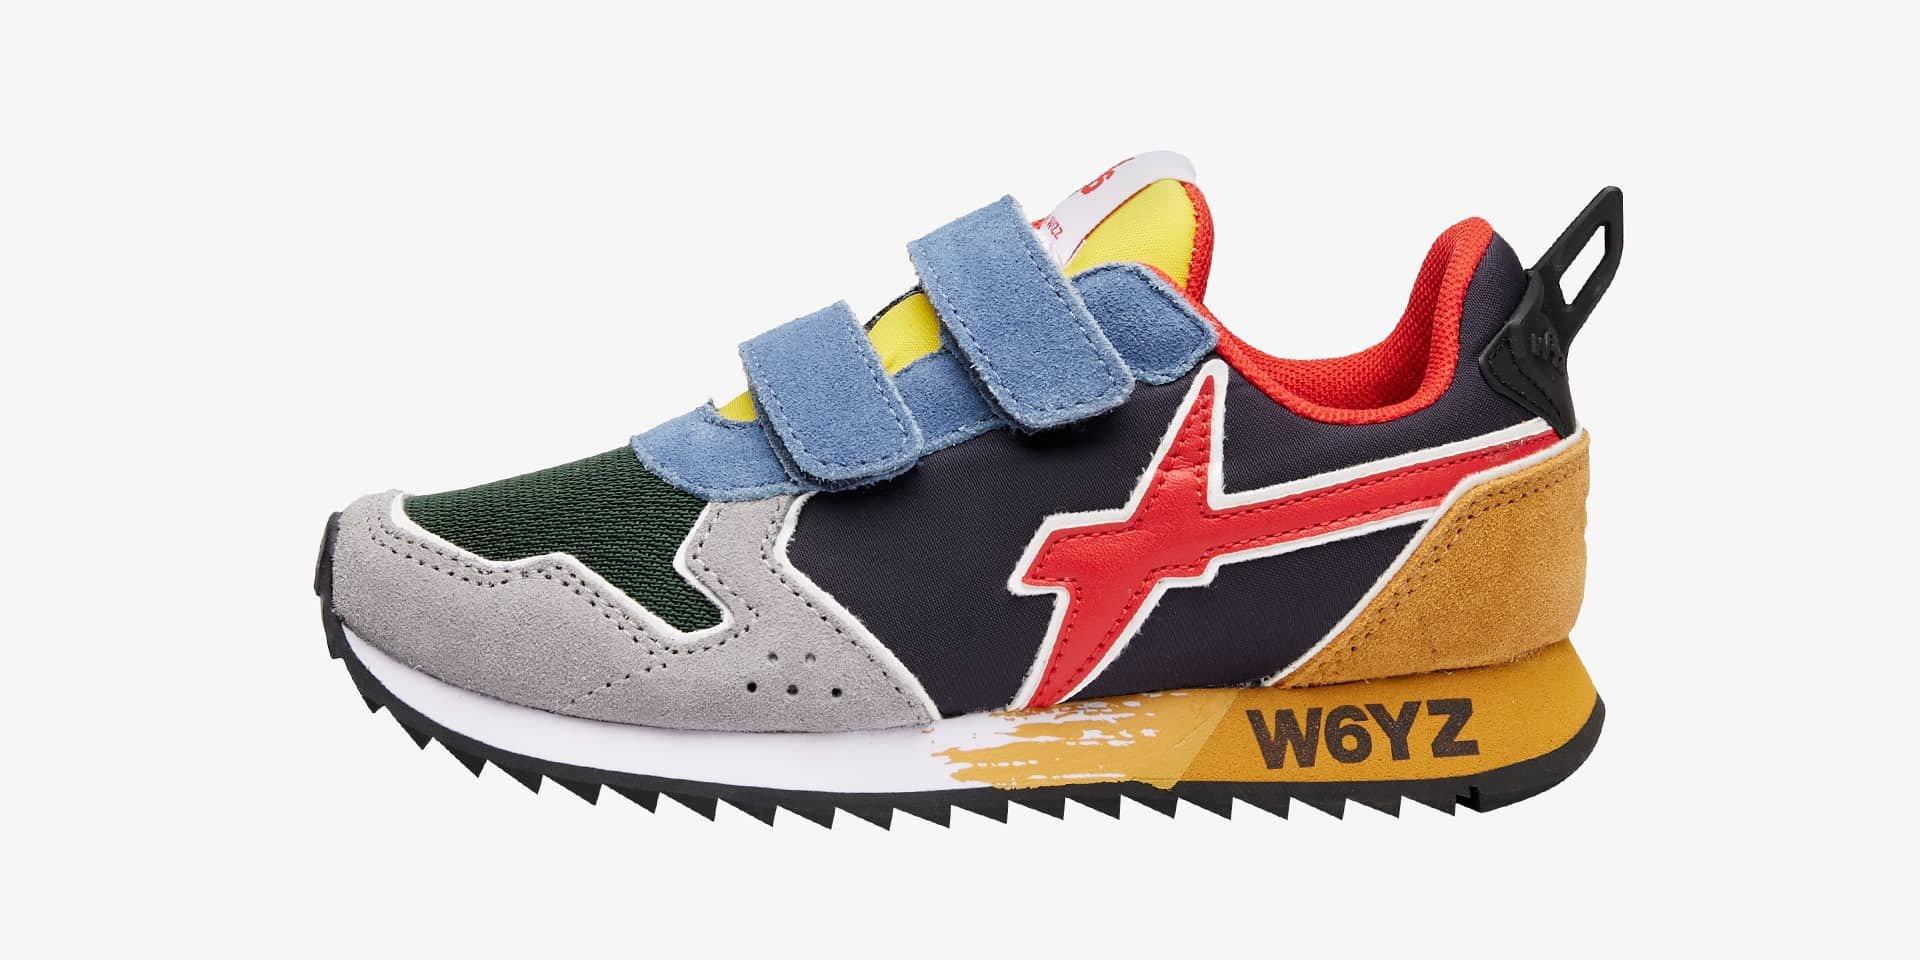 JET VL-J. - Sneaker in tessuto tecnico e suede - Multicolore